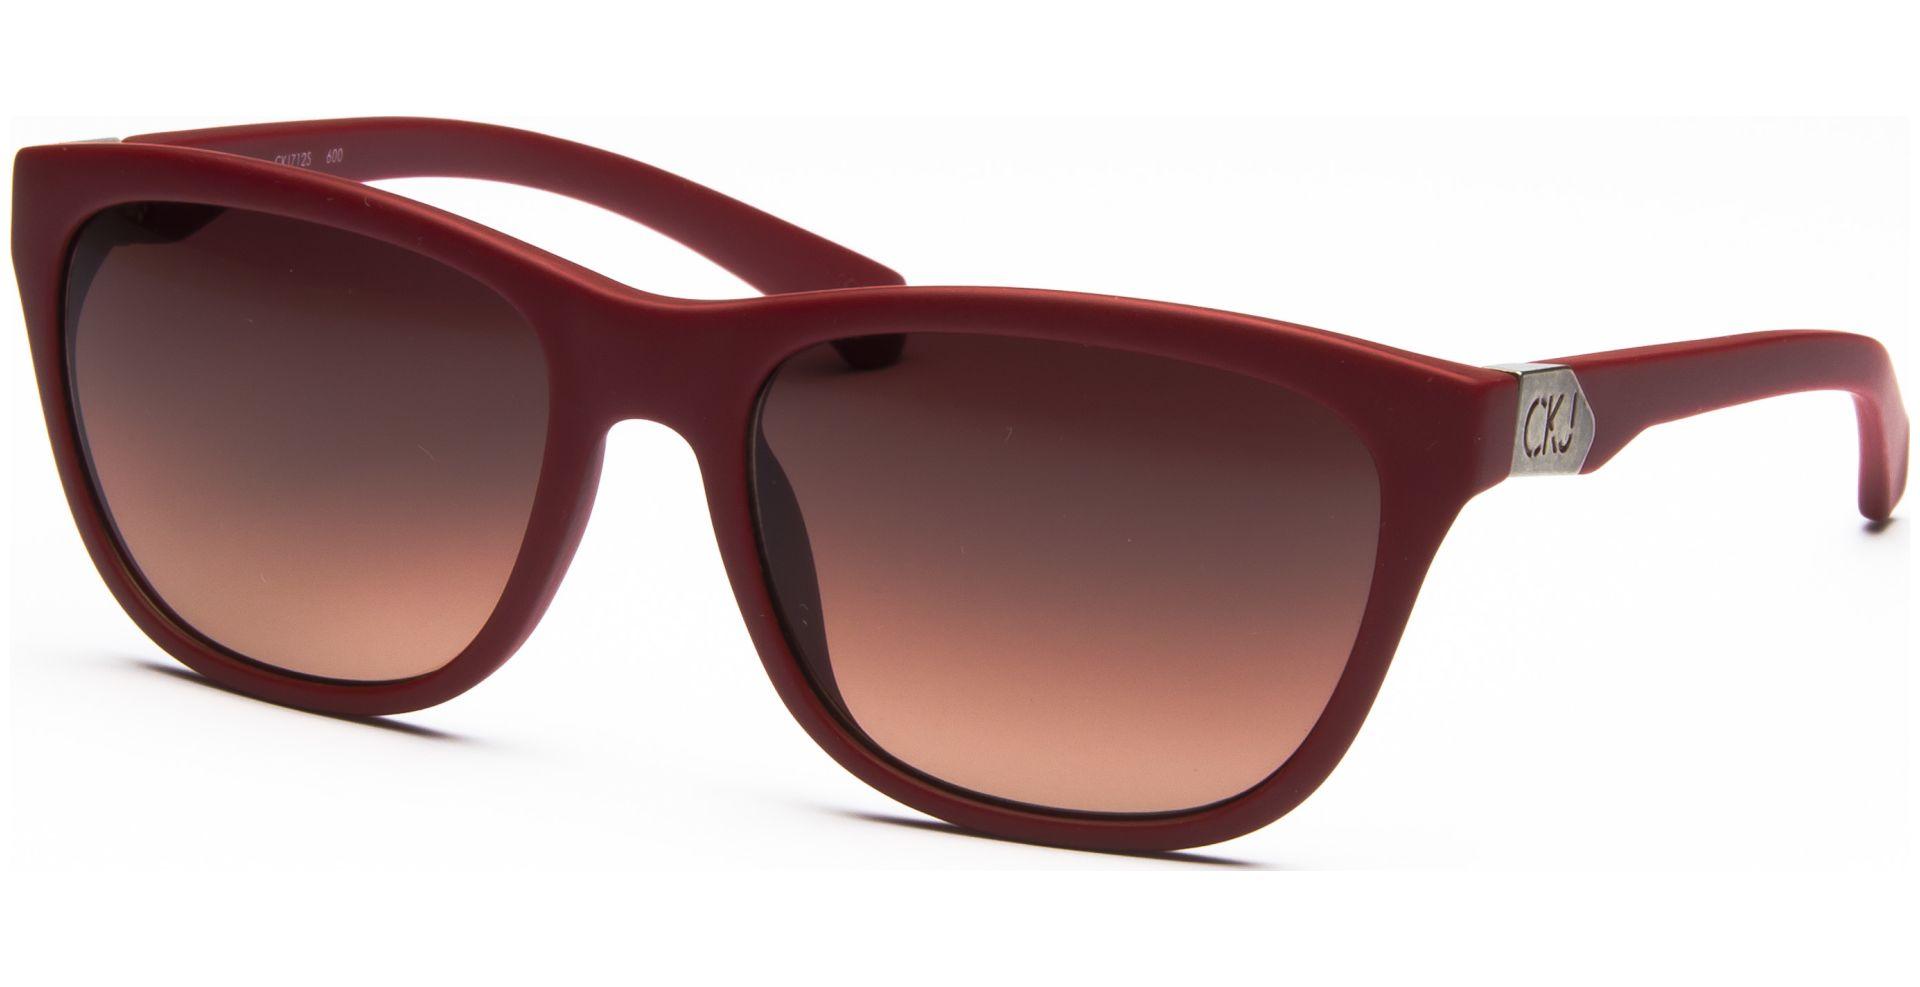 663d05848c5 Calvin Klein Jeans - CKJ712S 600 5317 Red - von Lensbest